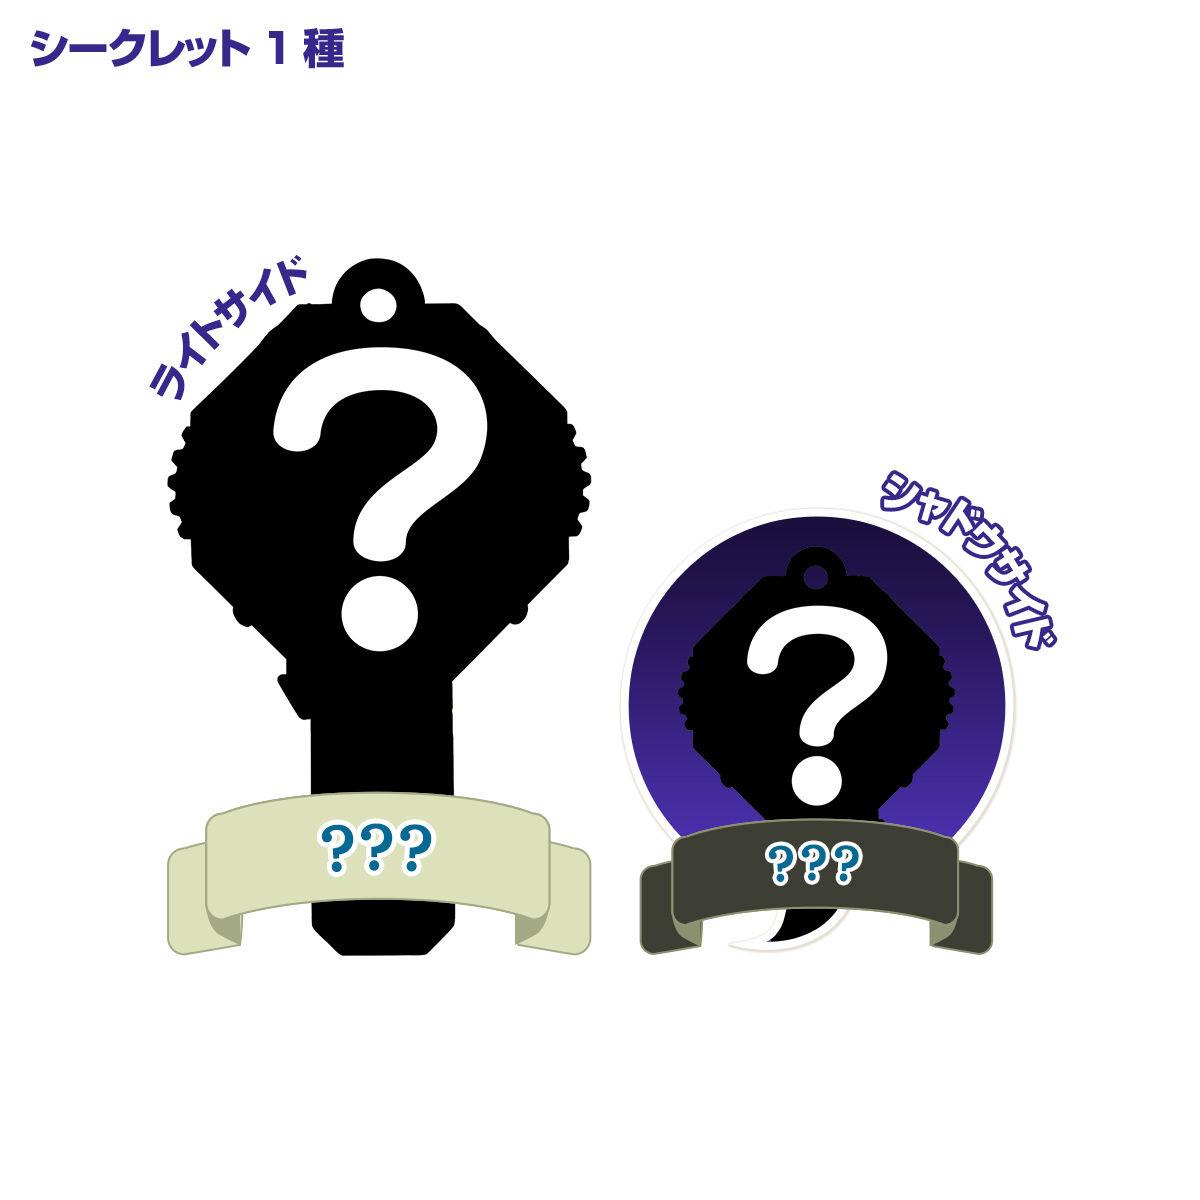 妖怪アーク 2nd ~輝け!光の妖怪アーク誕生!!~